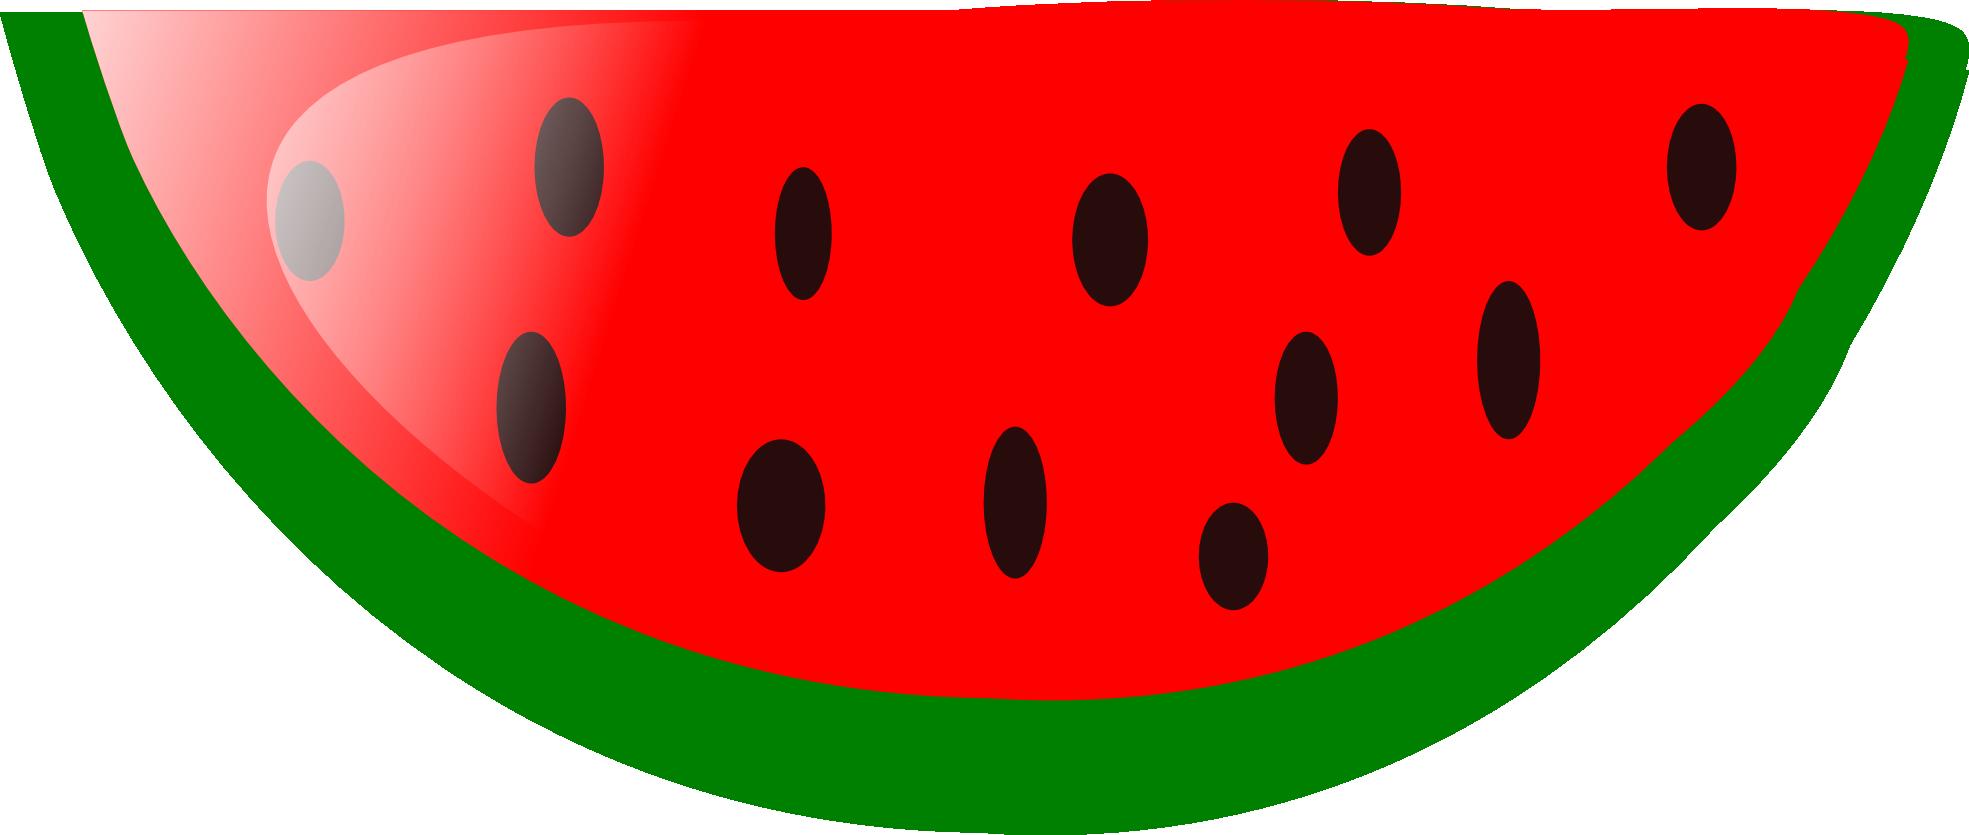 1969x835 Watermelon clip art border free clipart images 4 clipartandscrap